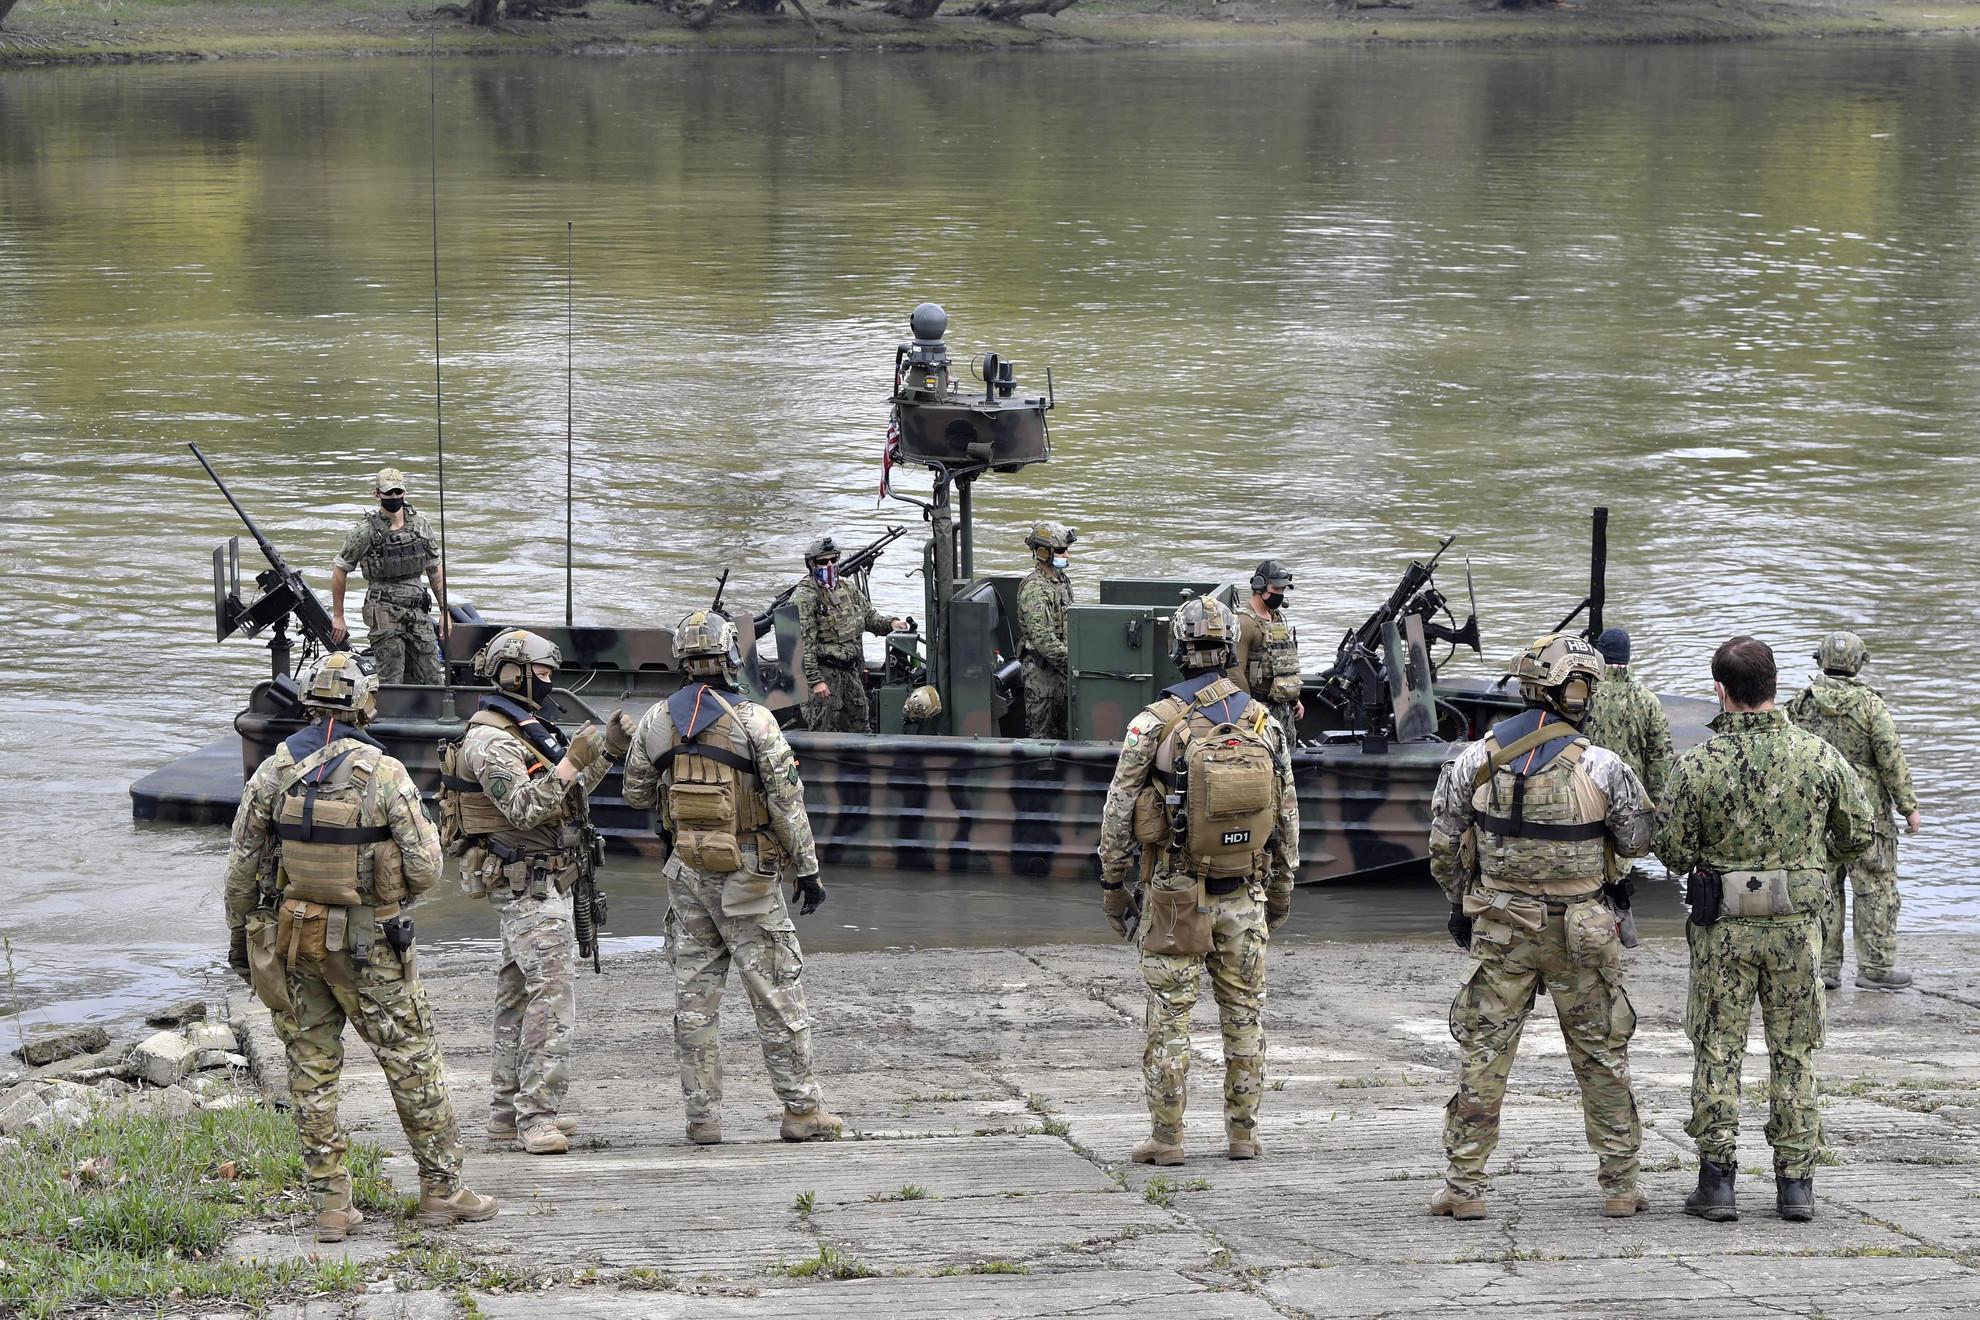 Amerikai SOC-R hajók fegyverzetével ismerkednek a magyar különleges műveleti egység katonái a Black Swan 21 elnevezésű nemzetközi különleges műveleti gyakorlaton